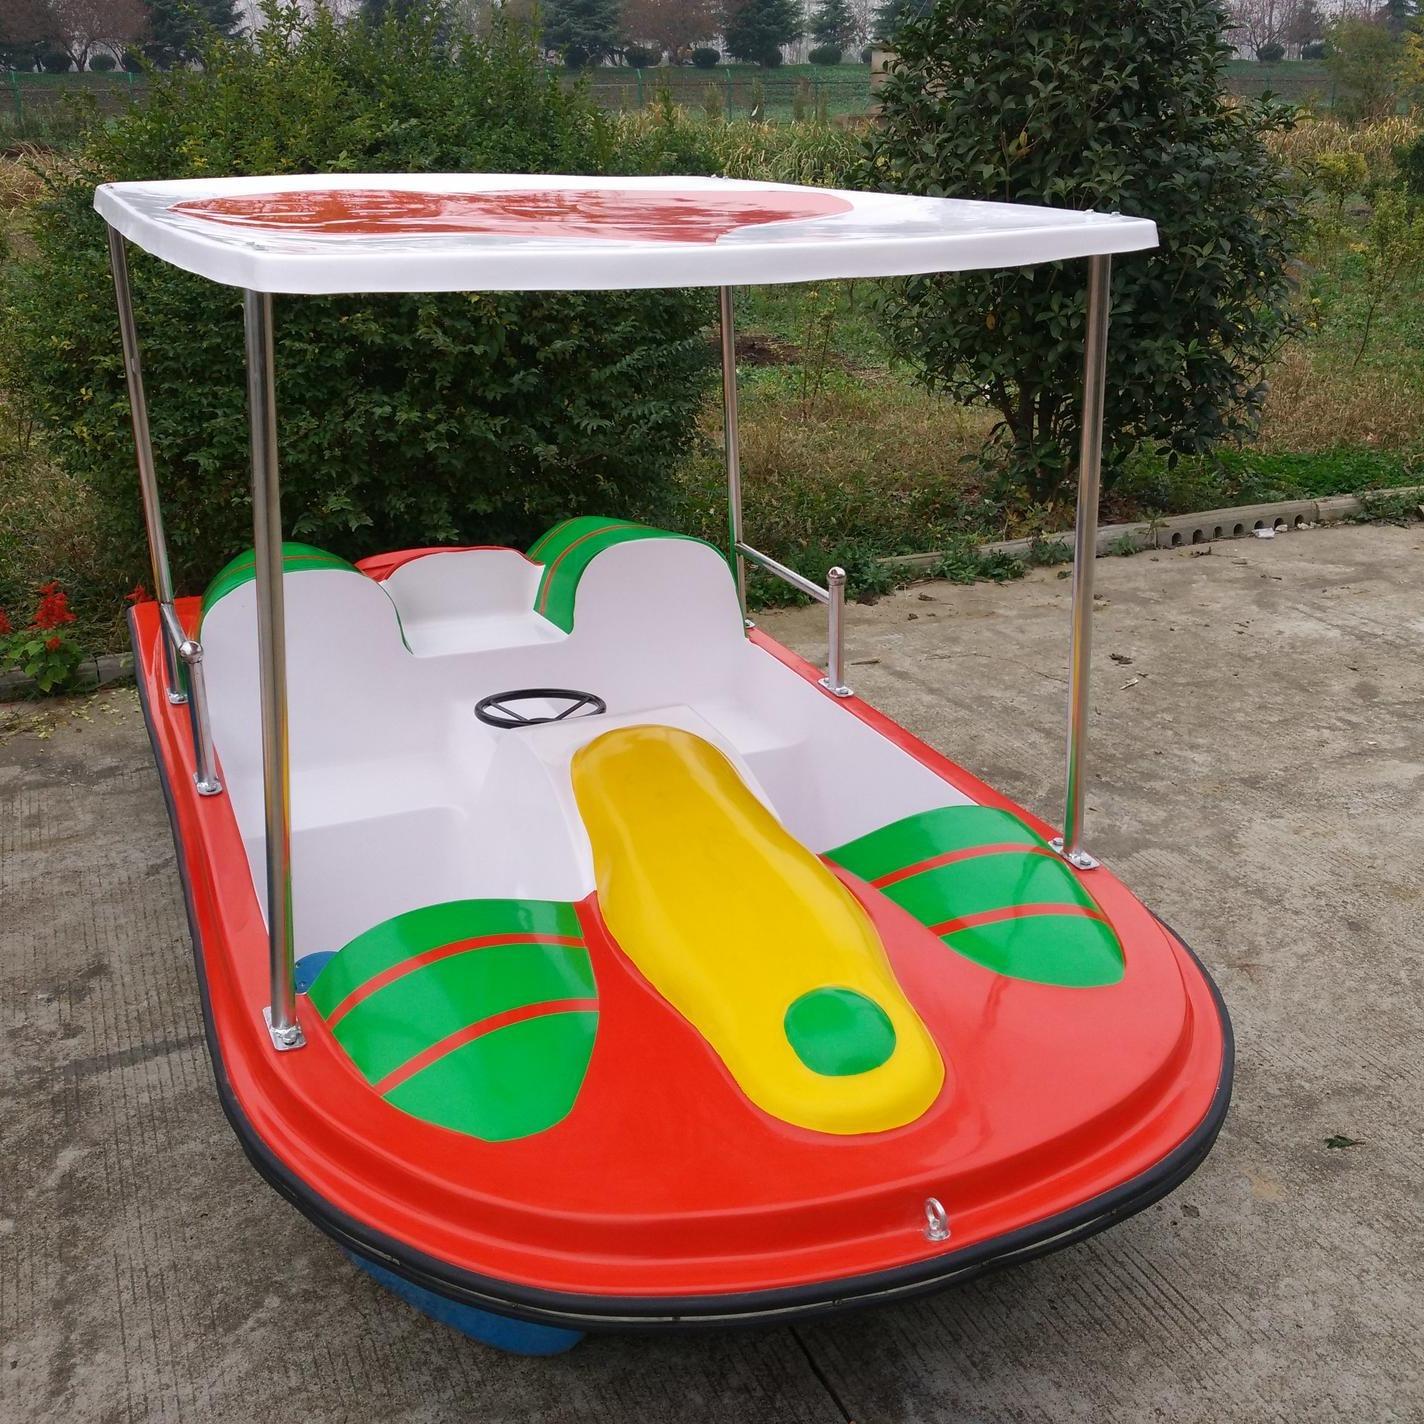 玻璃鋼腳踏船 公園腳踏游船 2人腳踏船 4人玻璃鋼腳踏船